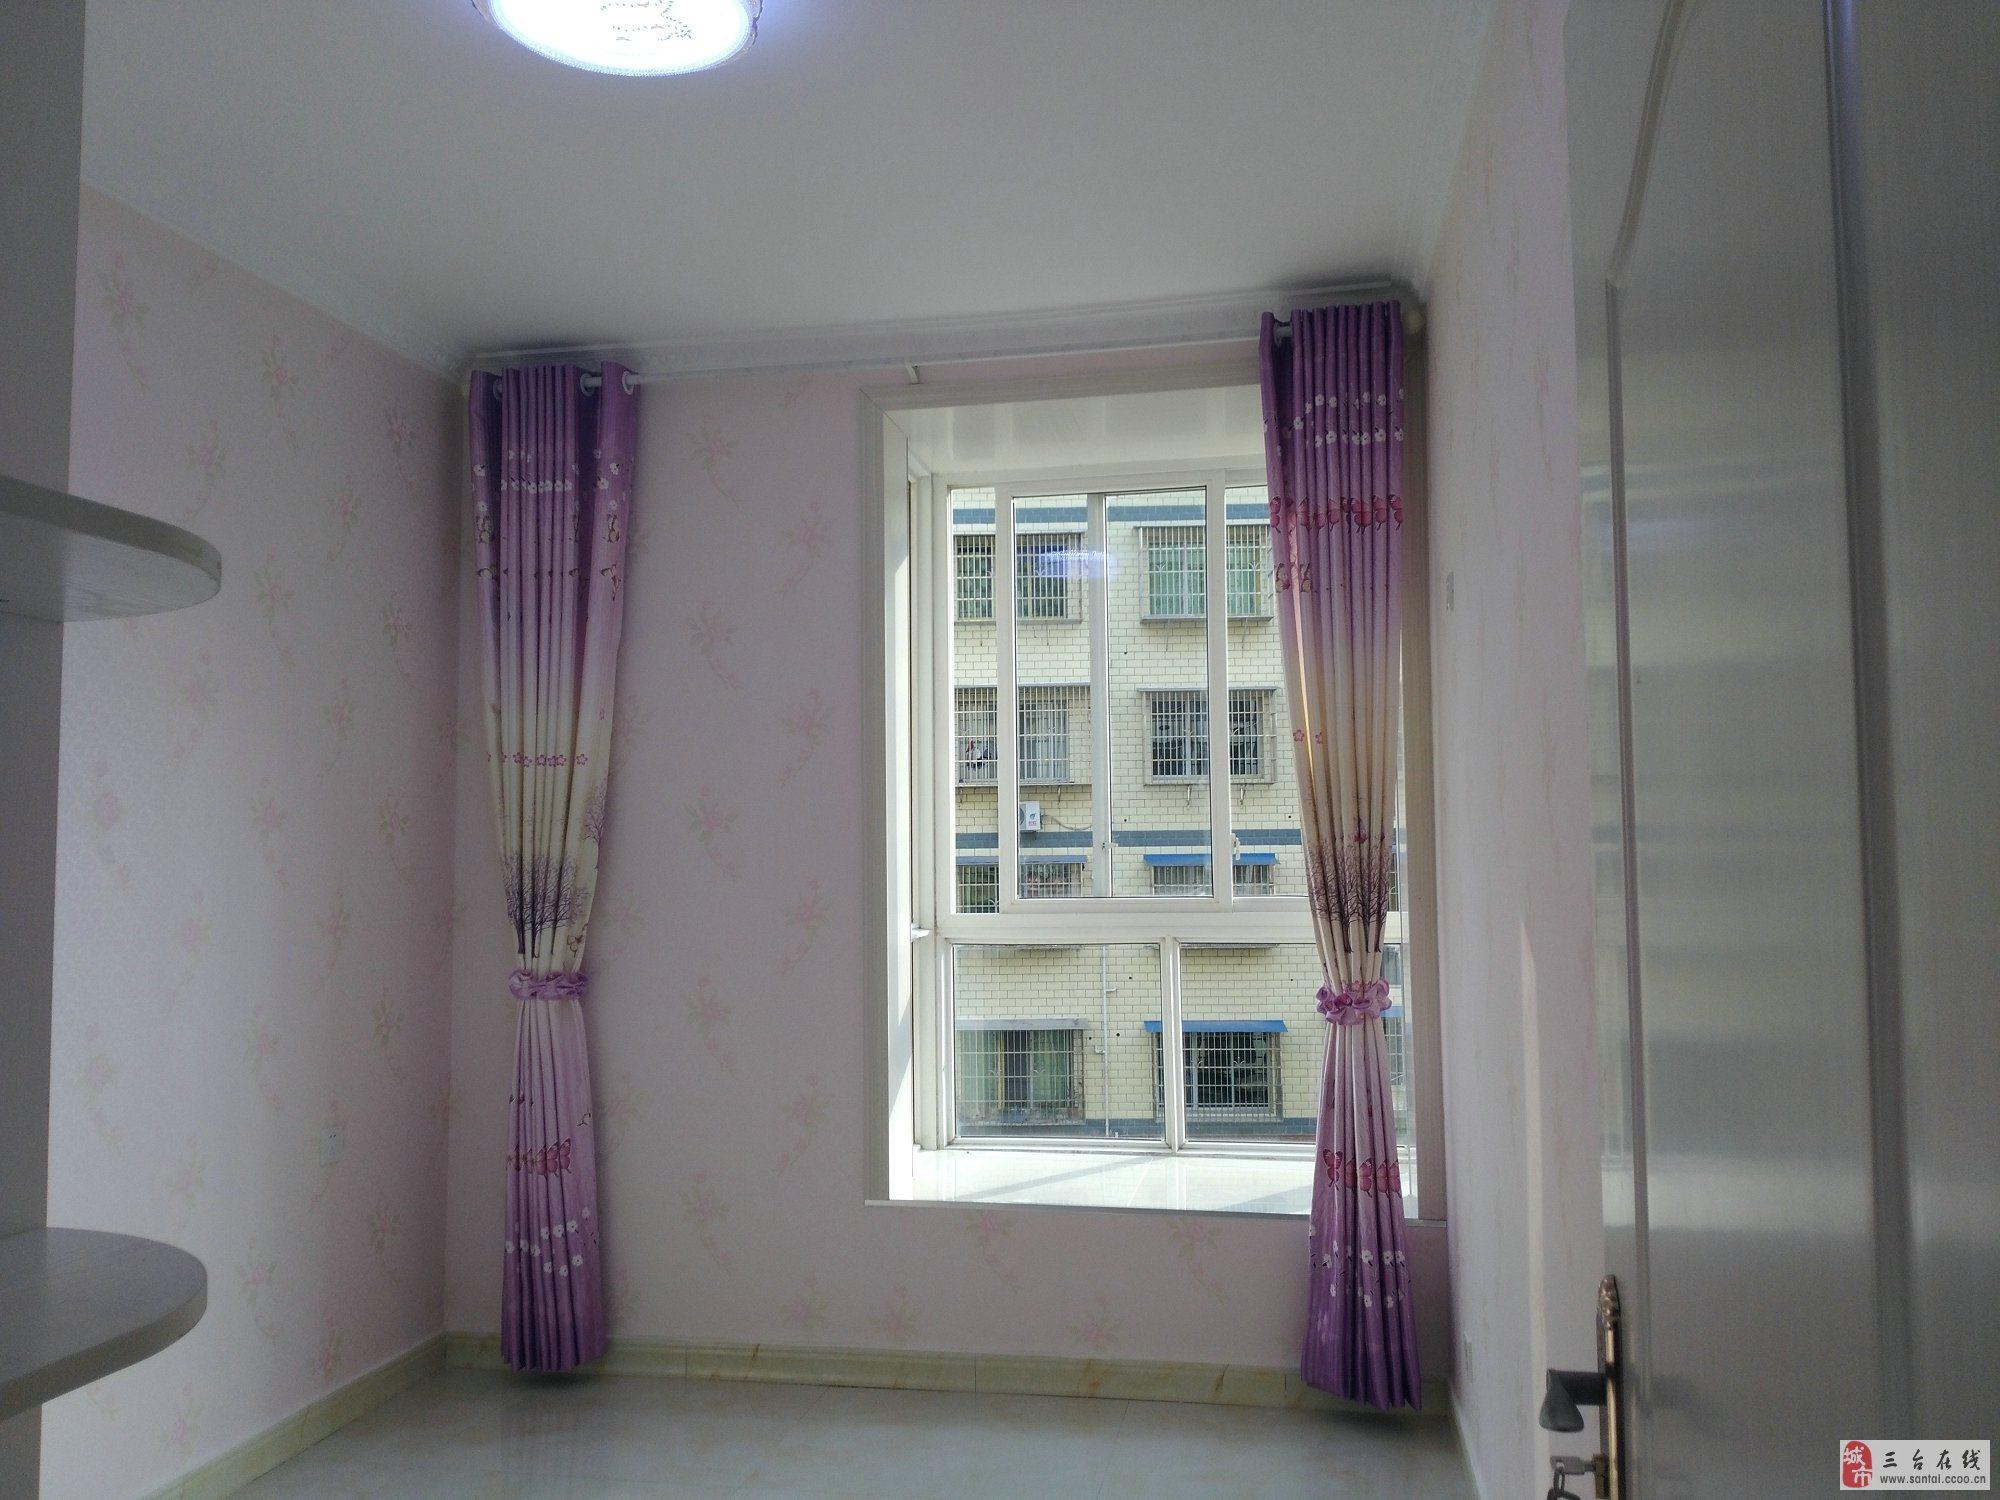 紫金名門大小區,房子裝修豪華,戶型好,彩光好.樓層好,房子親眼看過.